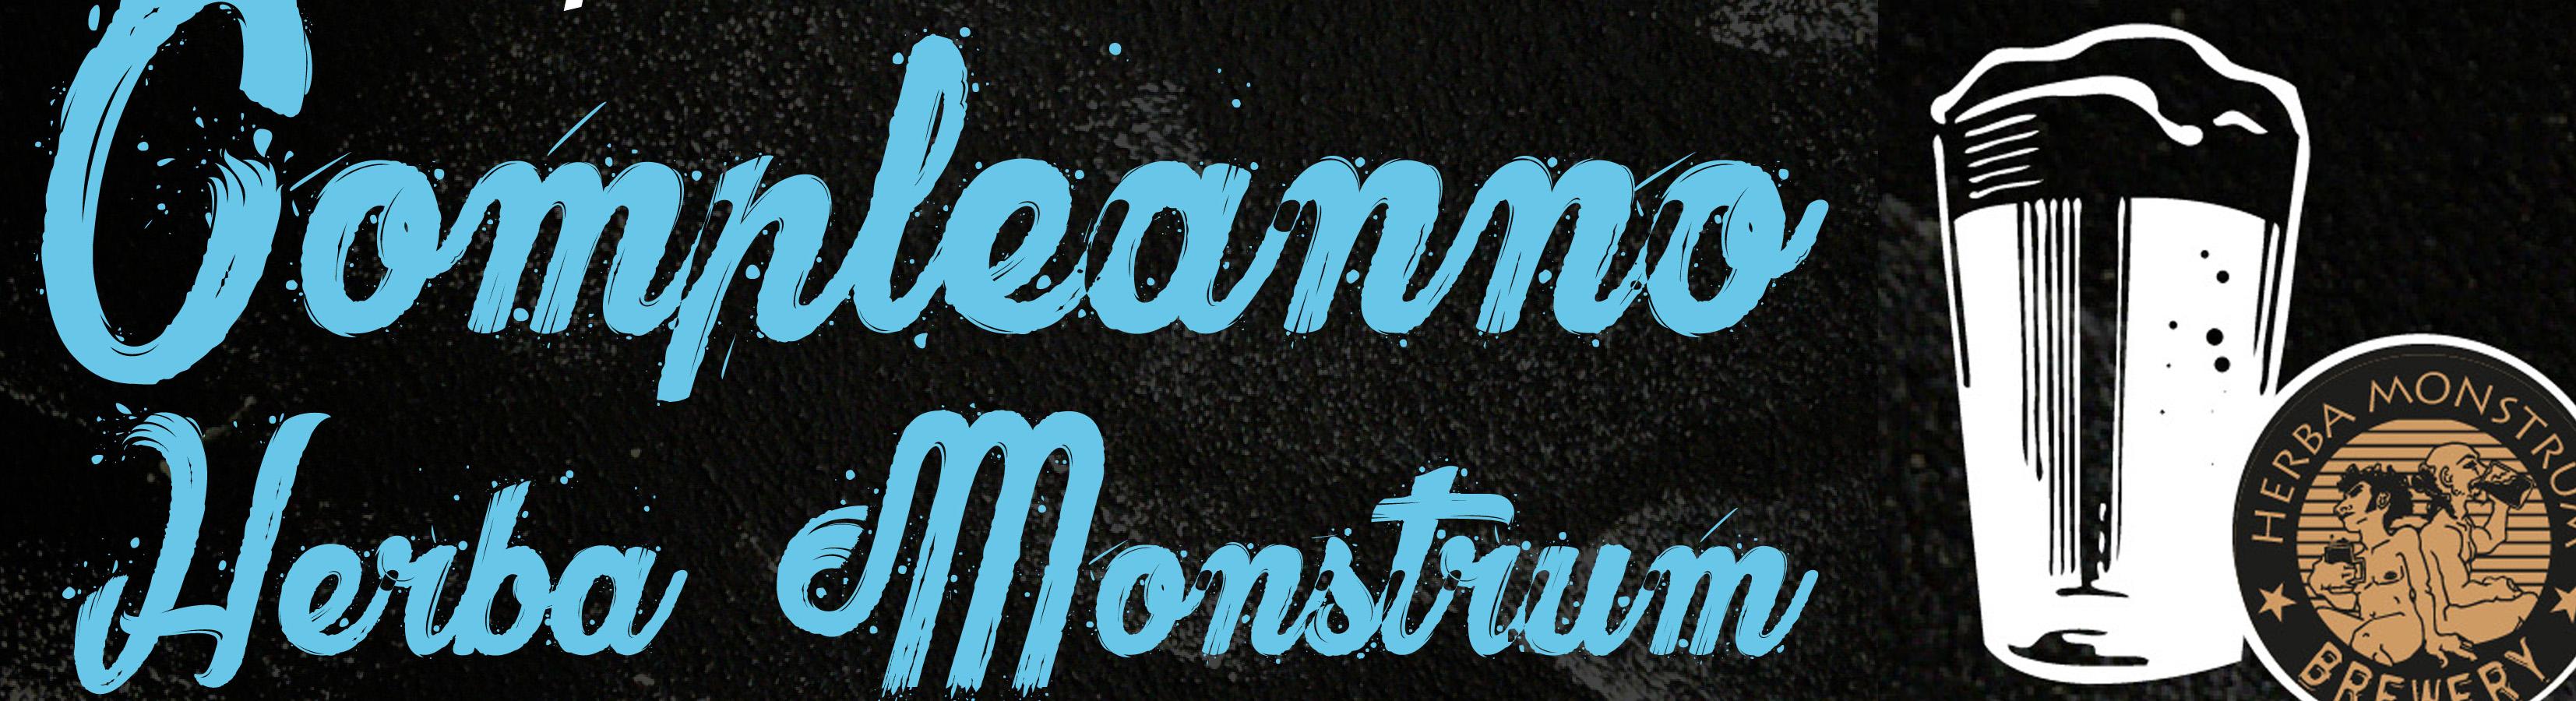 15 Luglio 2017 Compleanno Herba Monstrum, Centro Fatebenefratelli Valmadrera